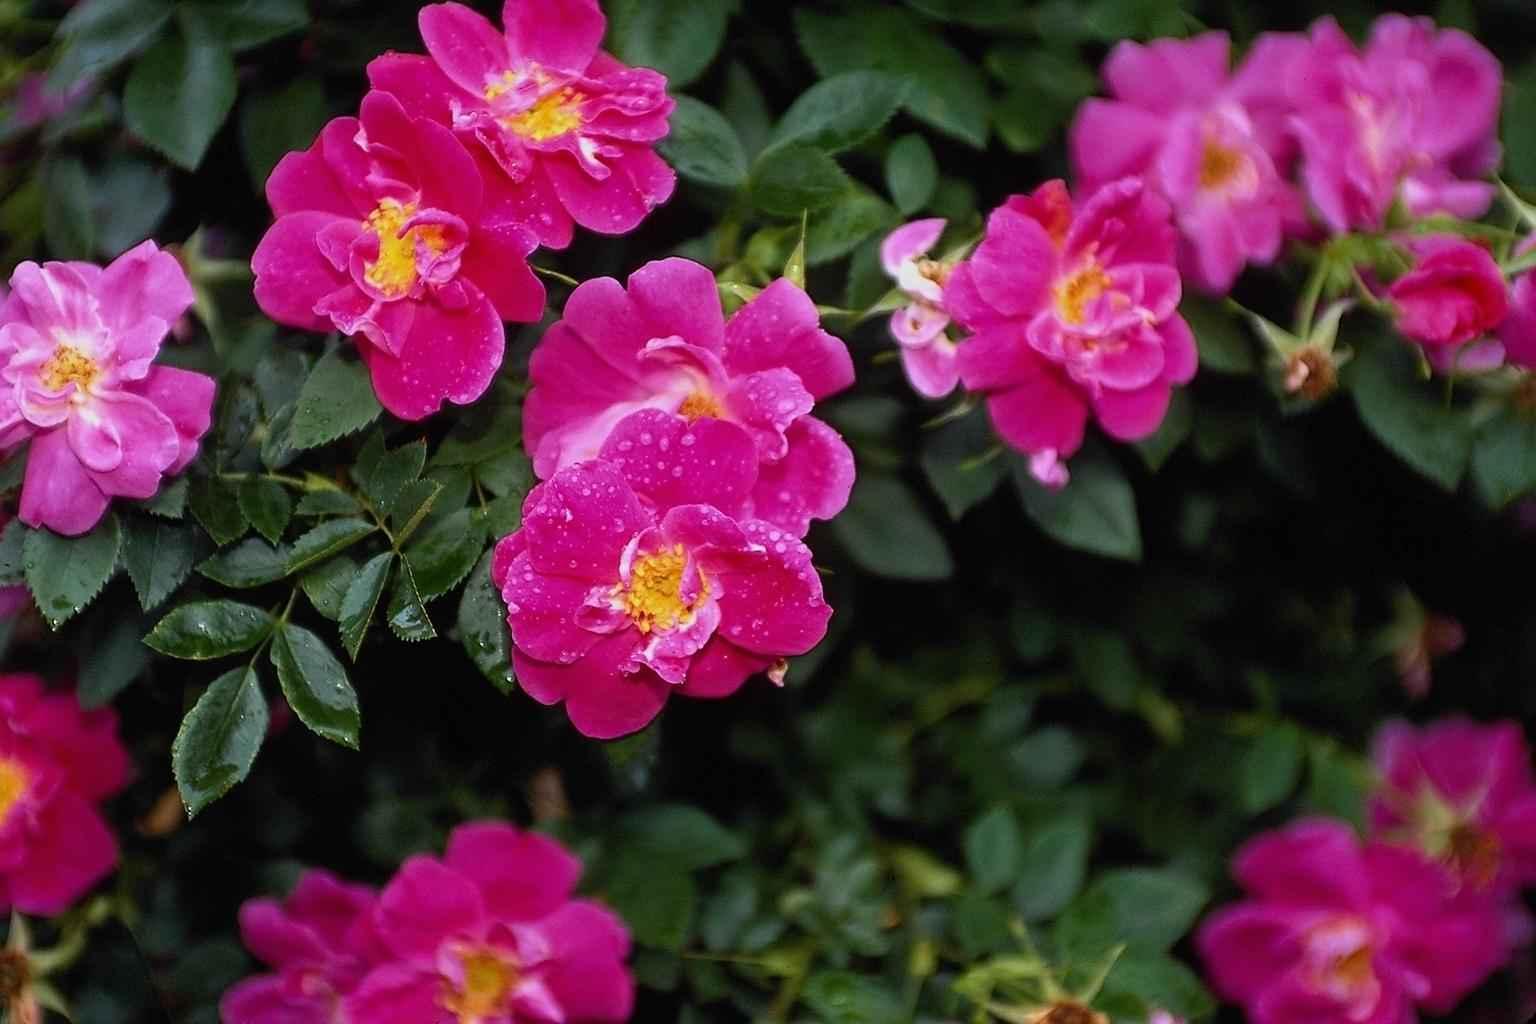 17822 скачать обои Растения, Цветы, Шиповник - заставки и картинки бесплатно